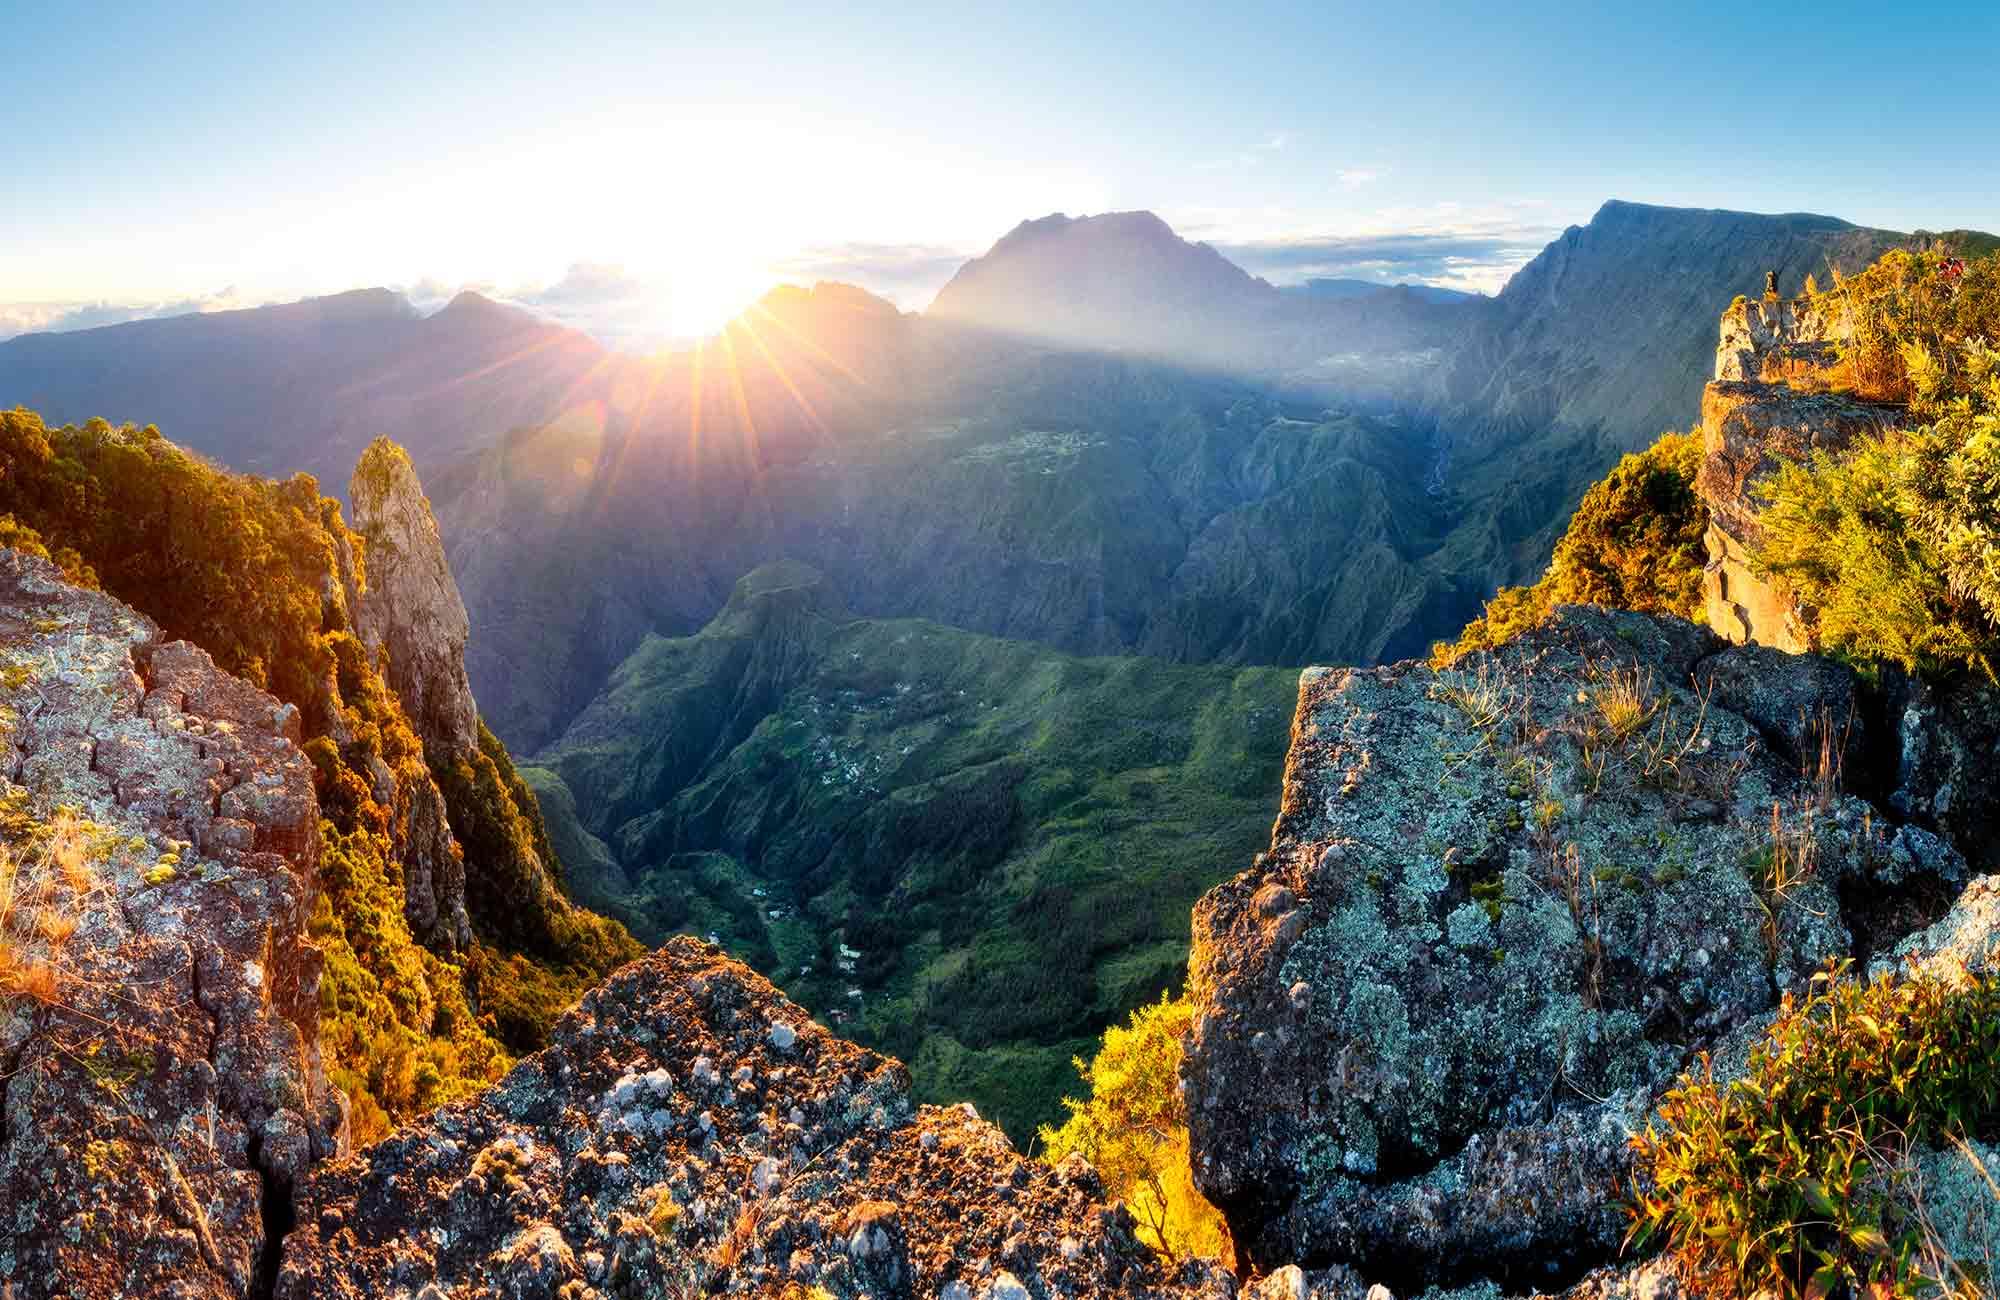 Voyage à La Réunion - Aube Piton des Neiges - Amplitudes